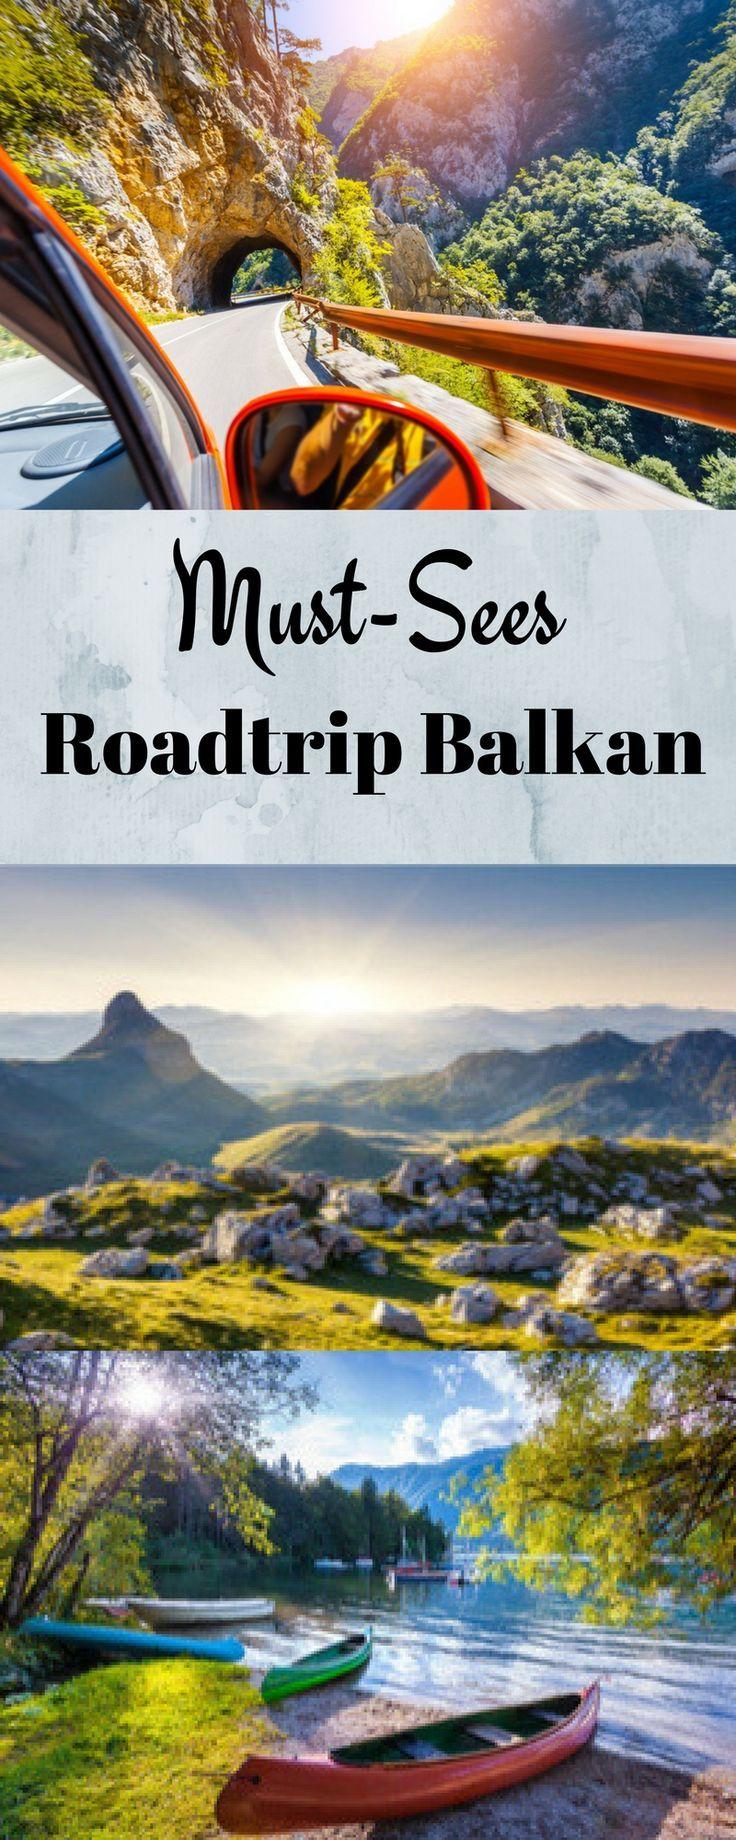 Kaum ein Reiseziel bietet sich für einen Roadtrip besser an als der Balkan. Zahlreiche Länder sind hier innerhalb kurzer Distanzen zu erreichen und zu entdecken. Ob Mazedonien, Serbien, Montenegro, Slowenien, Kroatien, Kosovo oder Bosnien-Herzegowina - nach Backpacking im Balkan lassen sich so einige Länder auf der Weltkarte freirubbeln.